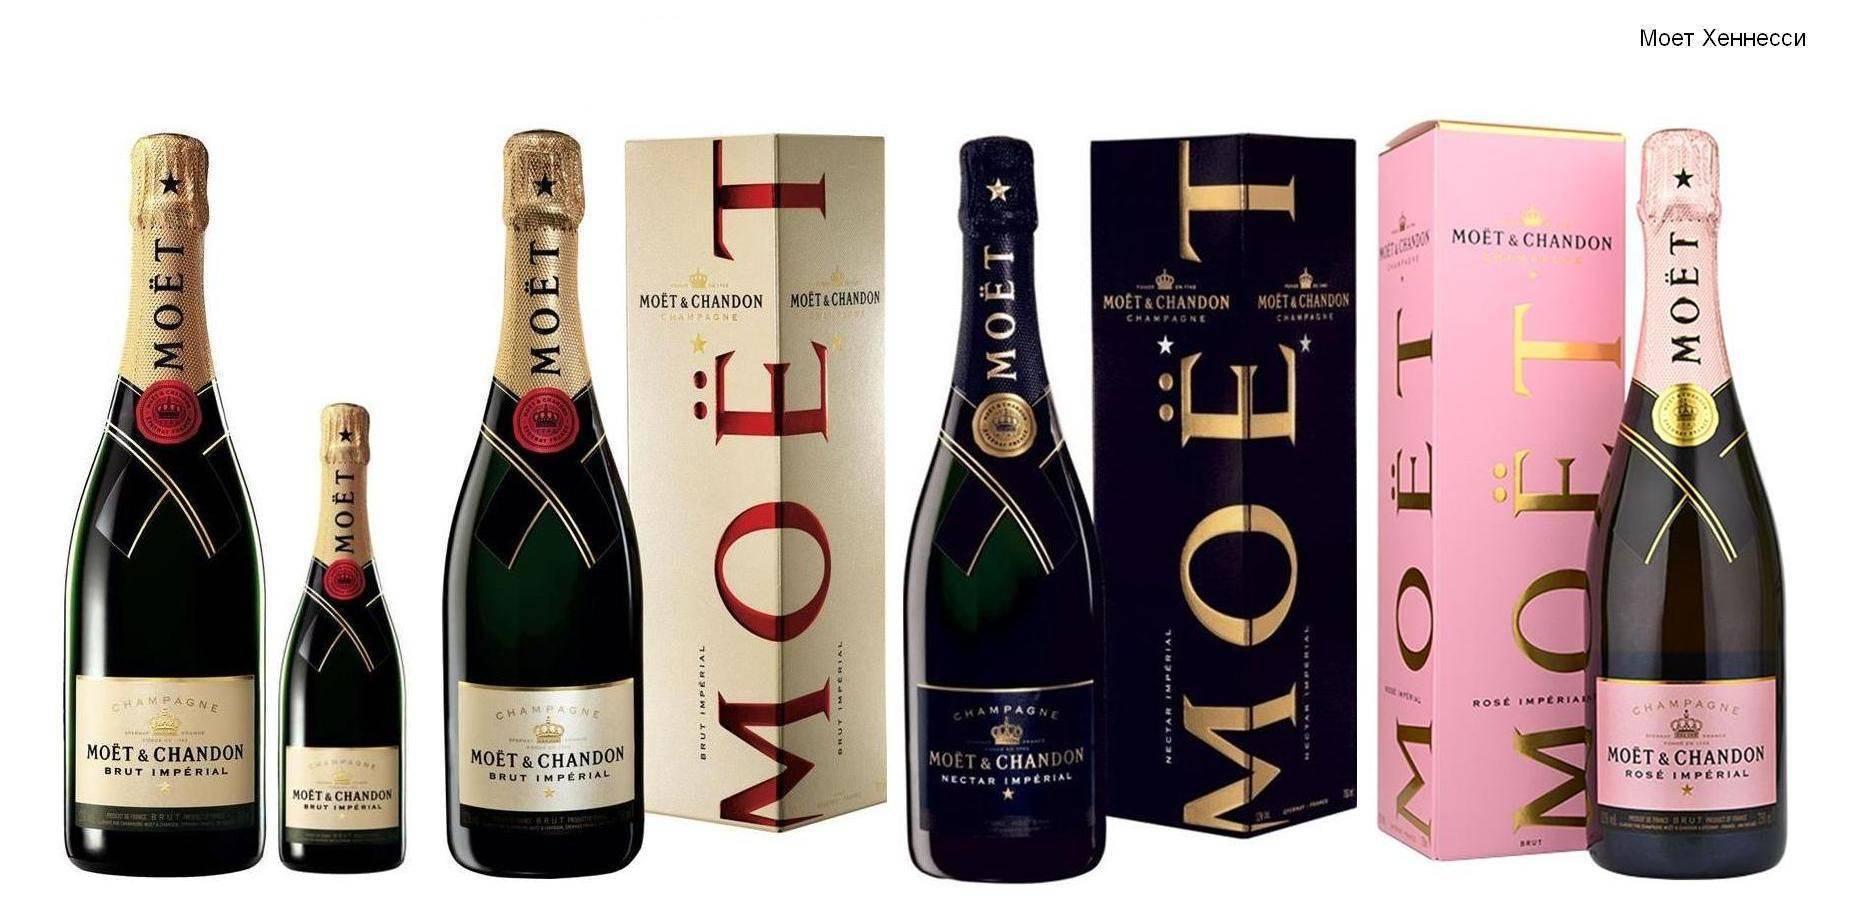 Шампанское моет и его особенности